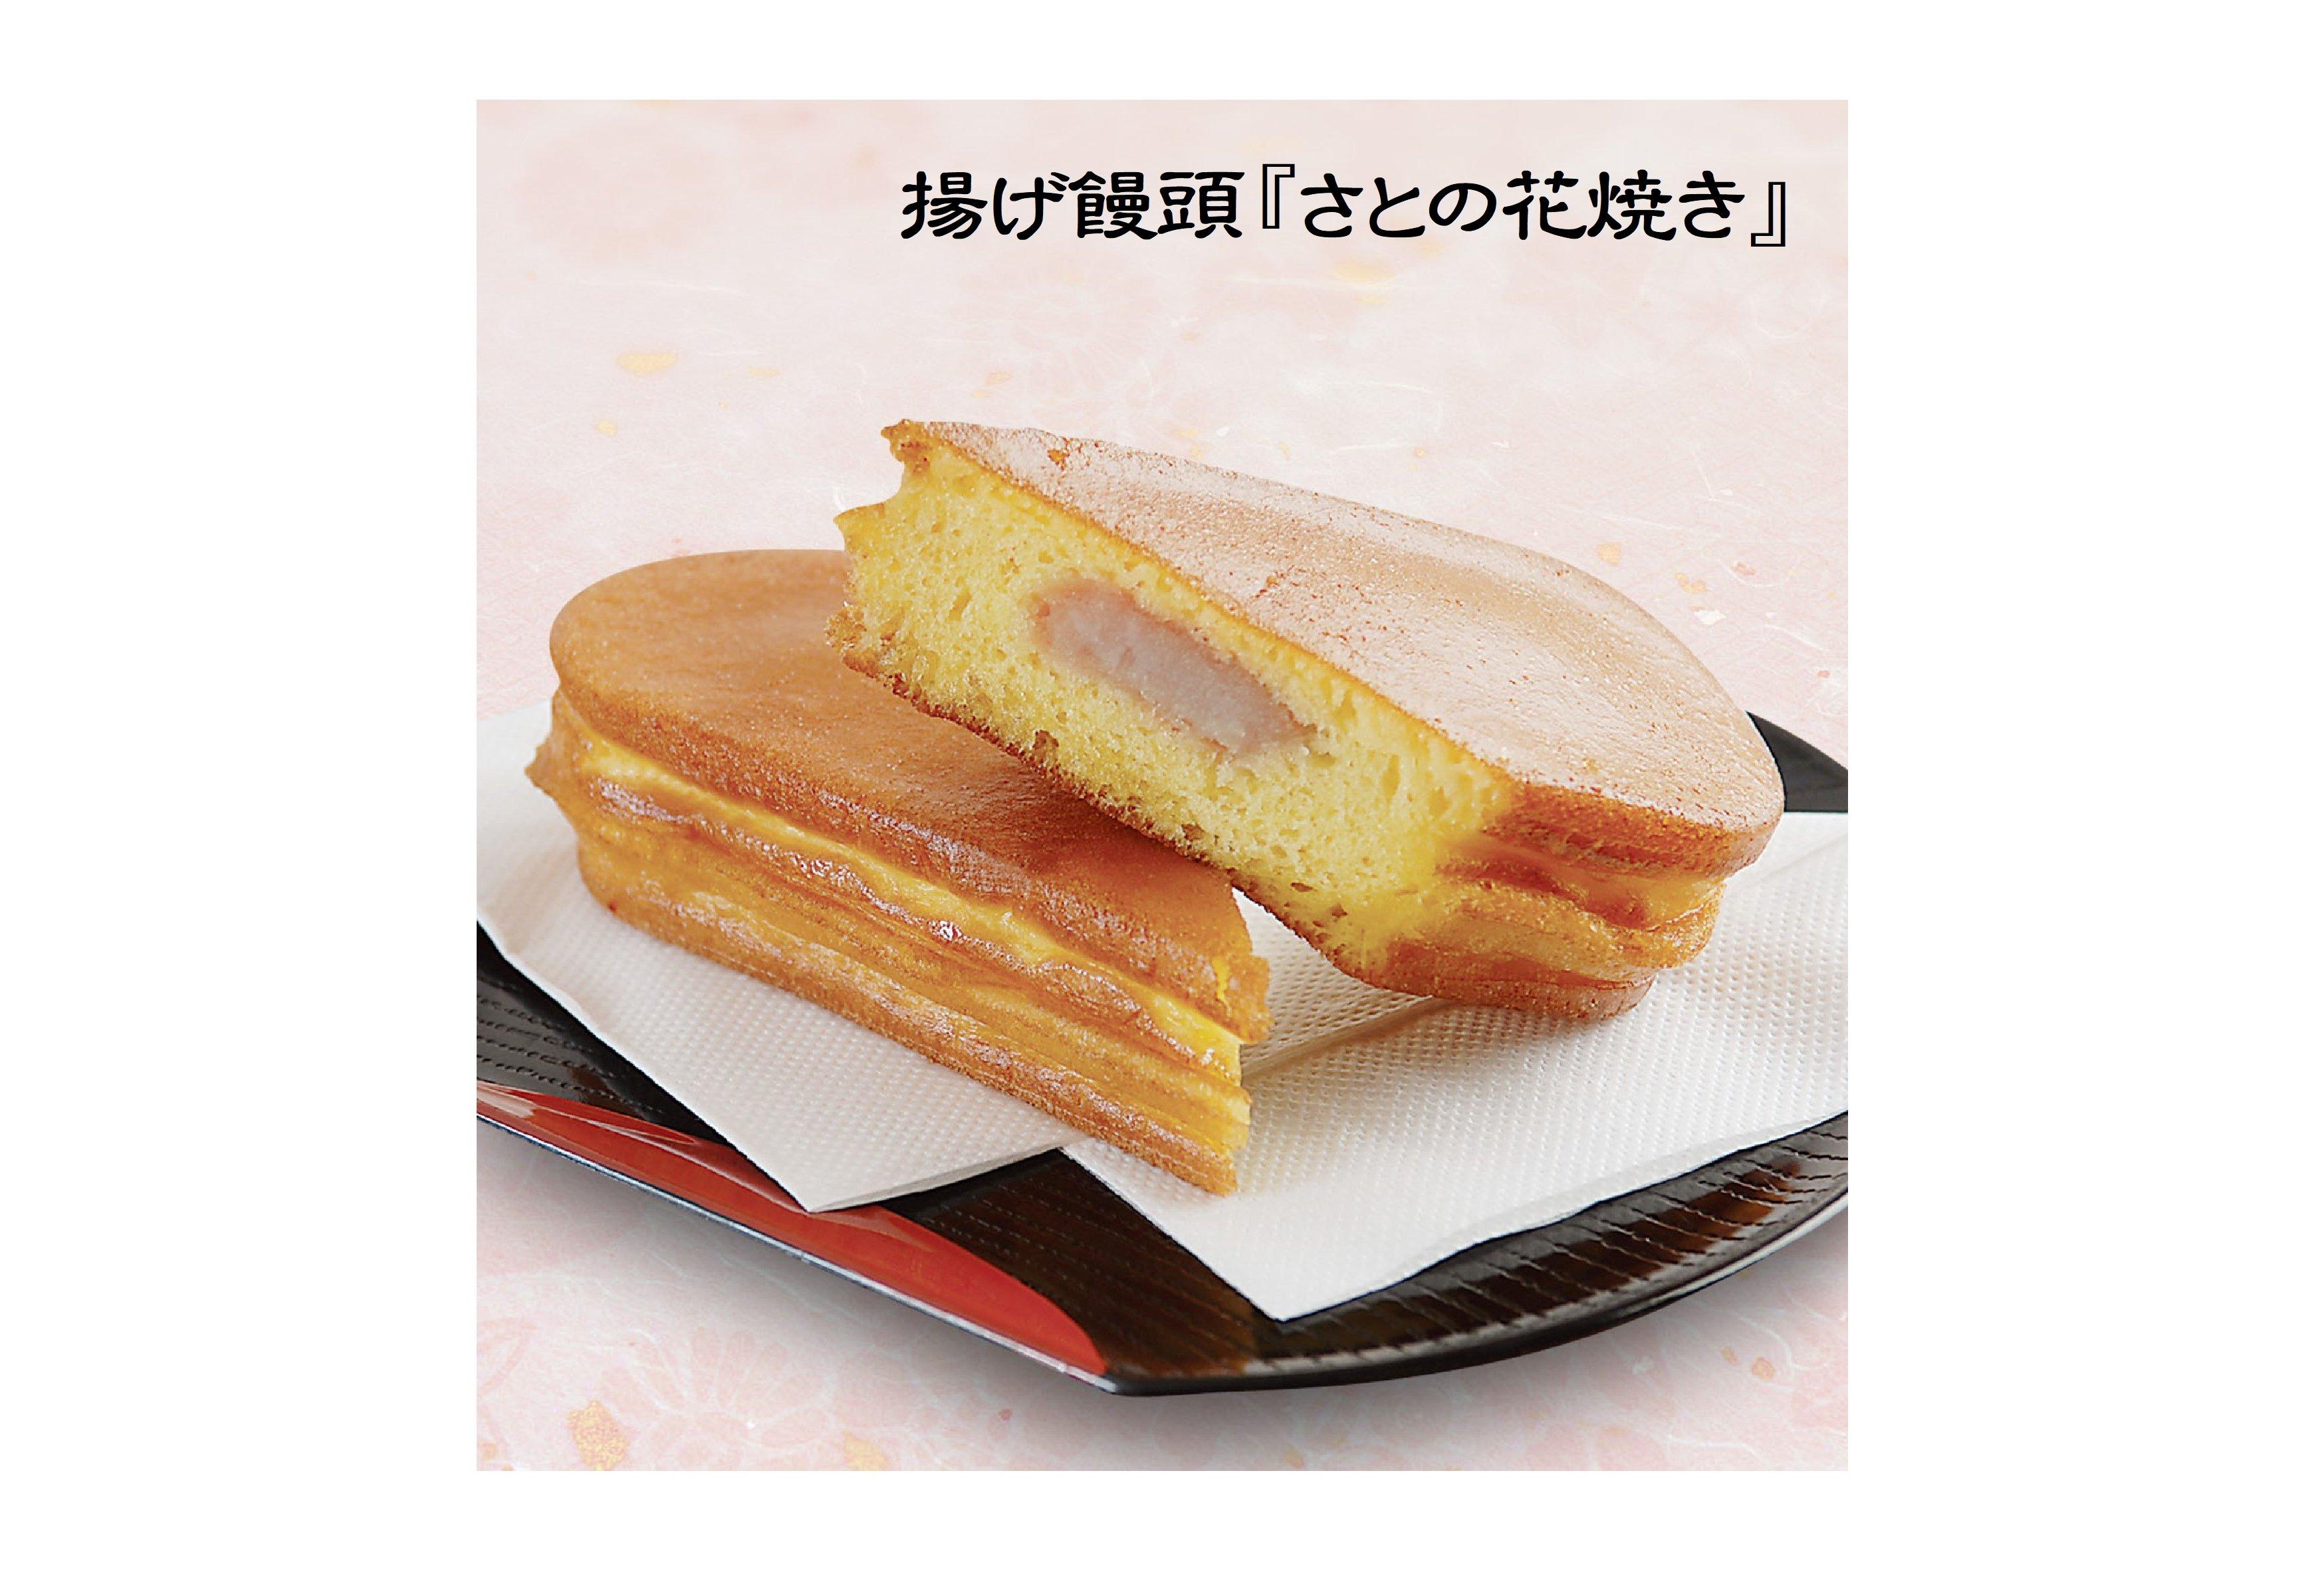 【現地払い専用】雪花冰・ドリンク・花焼きセット/1,200円のイメージその6